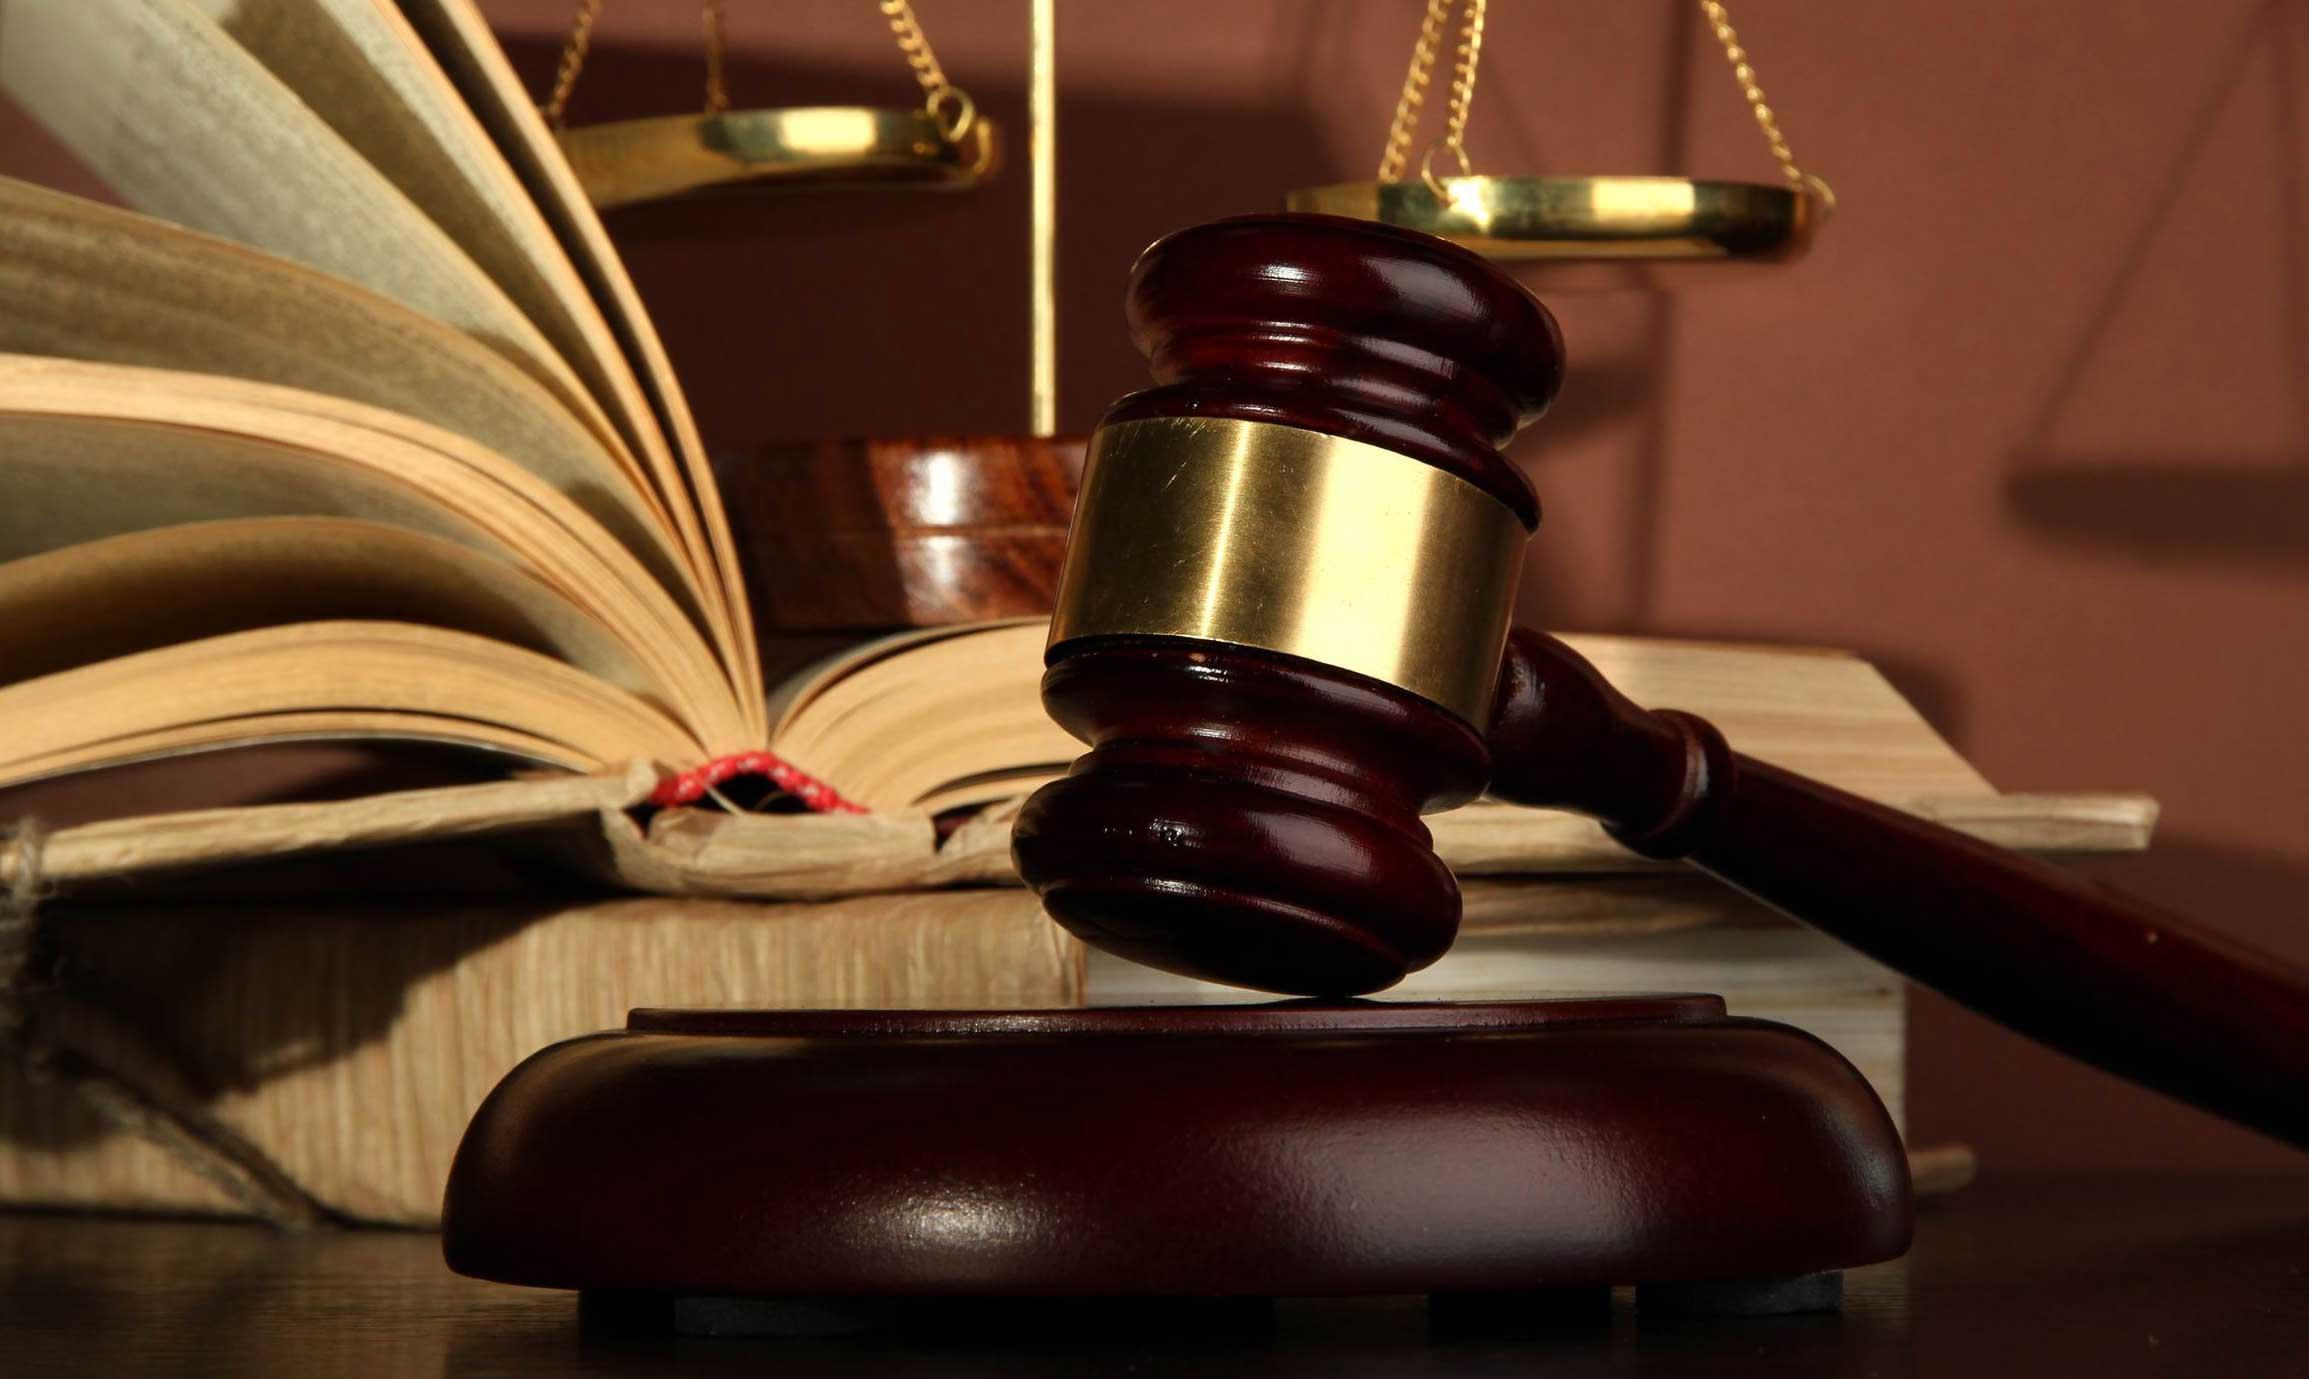 Listas de aspirantes a Jueces inscritos en la Ciudad de Durango